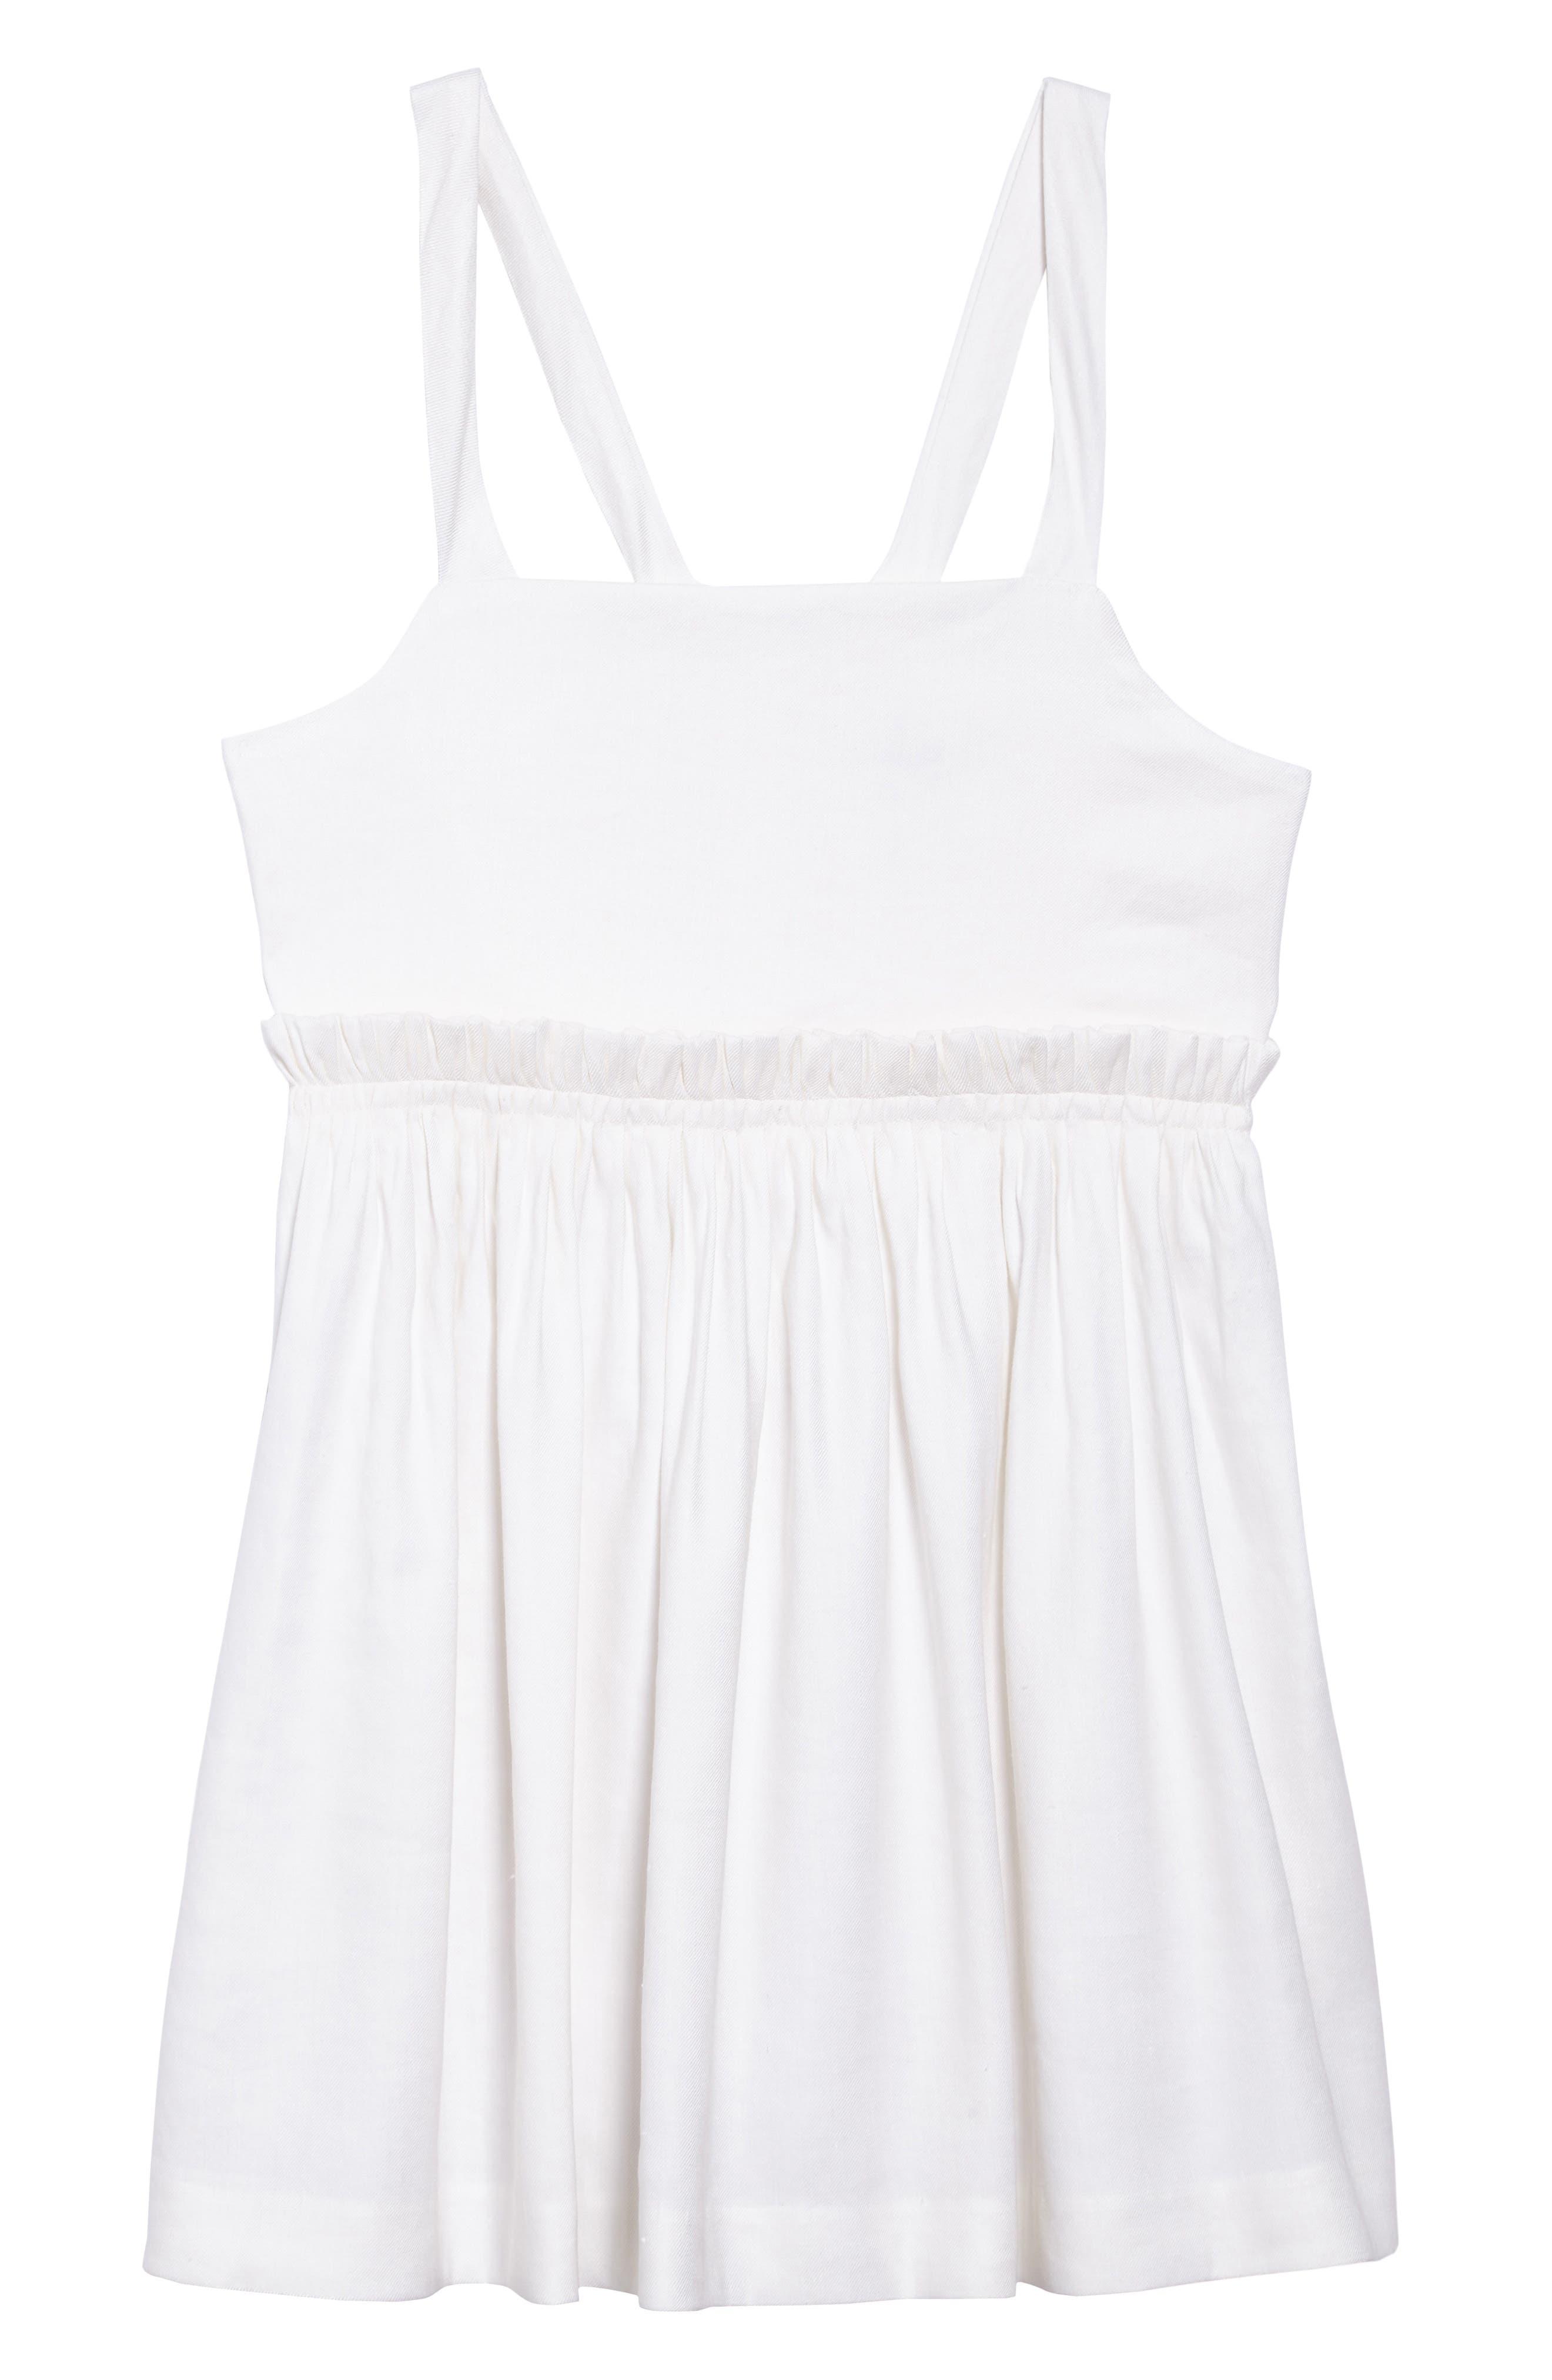 Jenny Linen Blend Dress,                             Main thumbnail 1, color,                             White